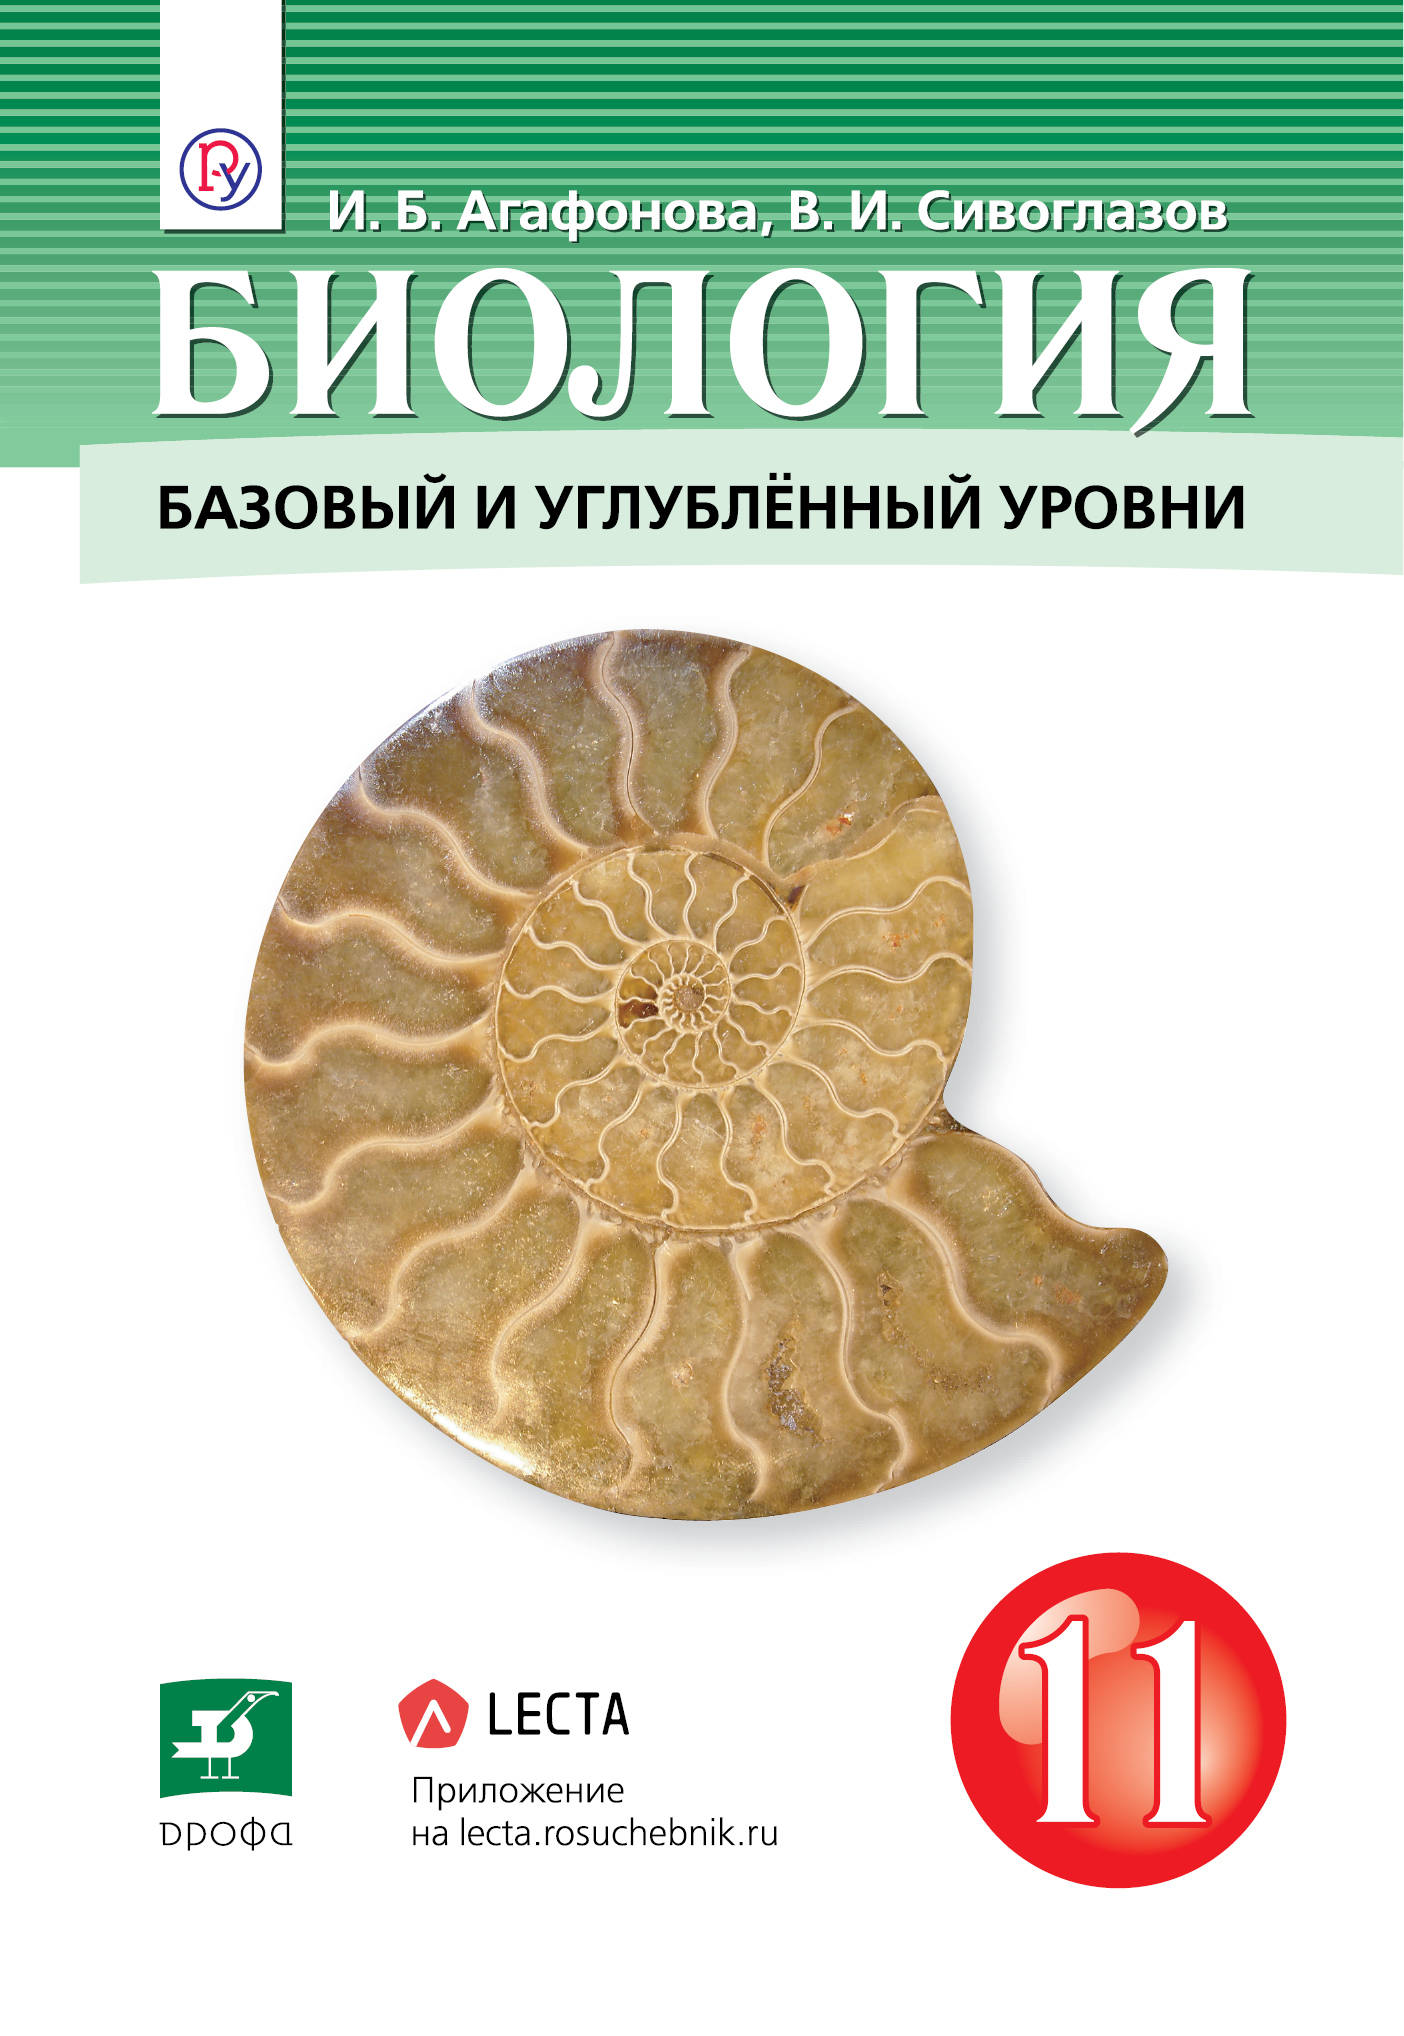 Биология. 11 класс. Базовый и углубленный уровни. Учебник, И. Б. Агафонова, В. И. Сивоглазов